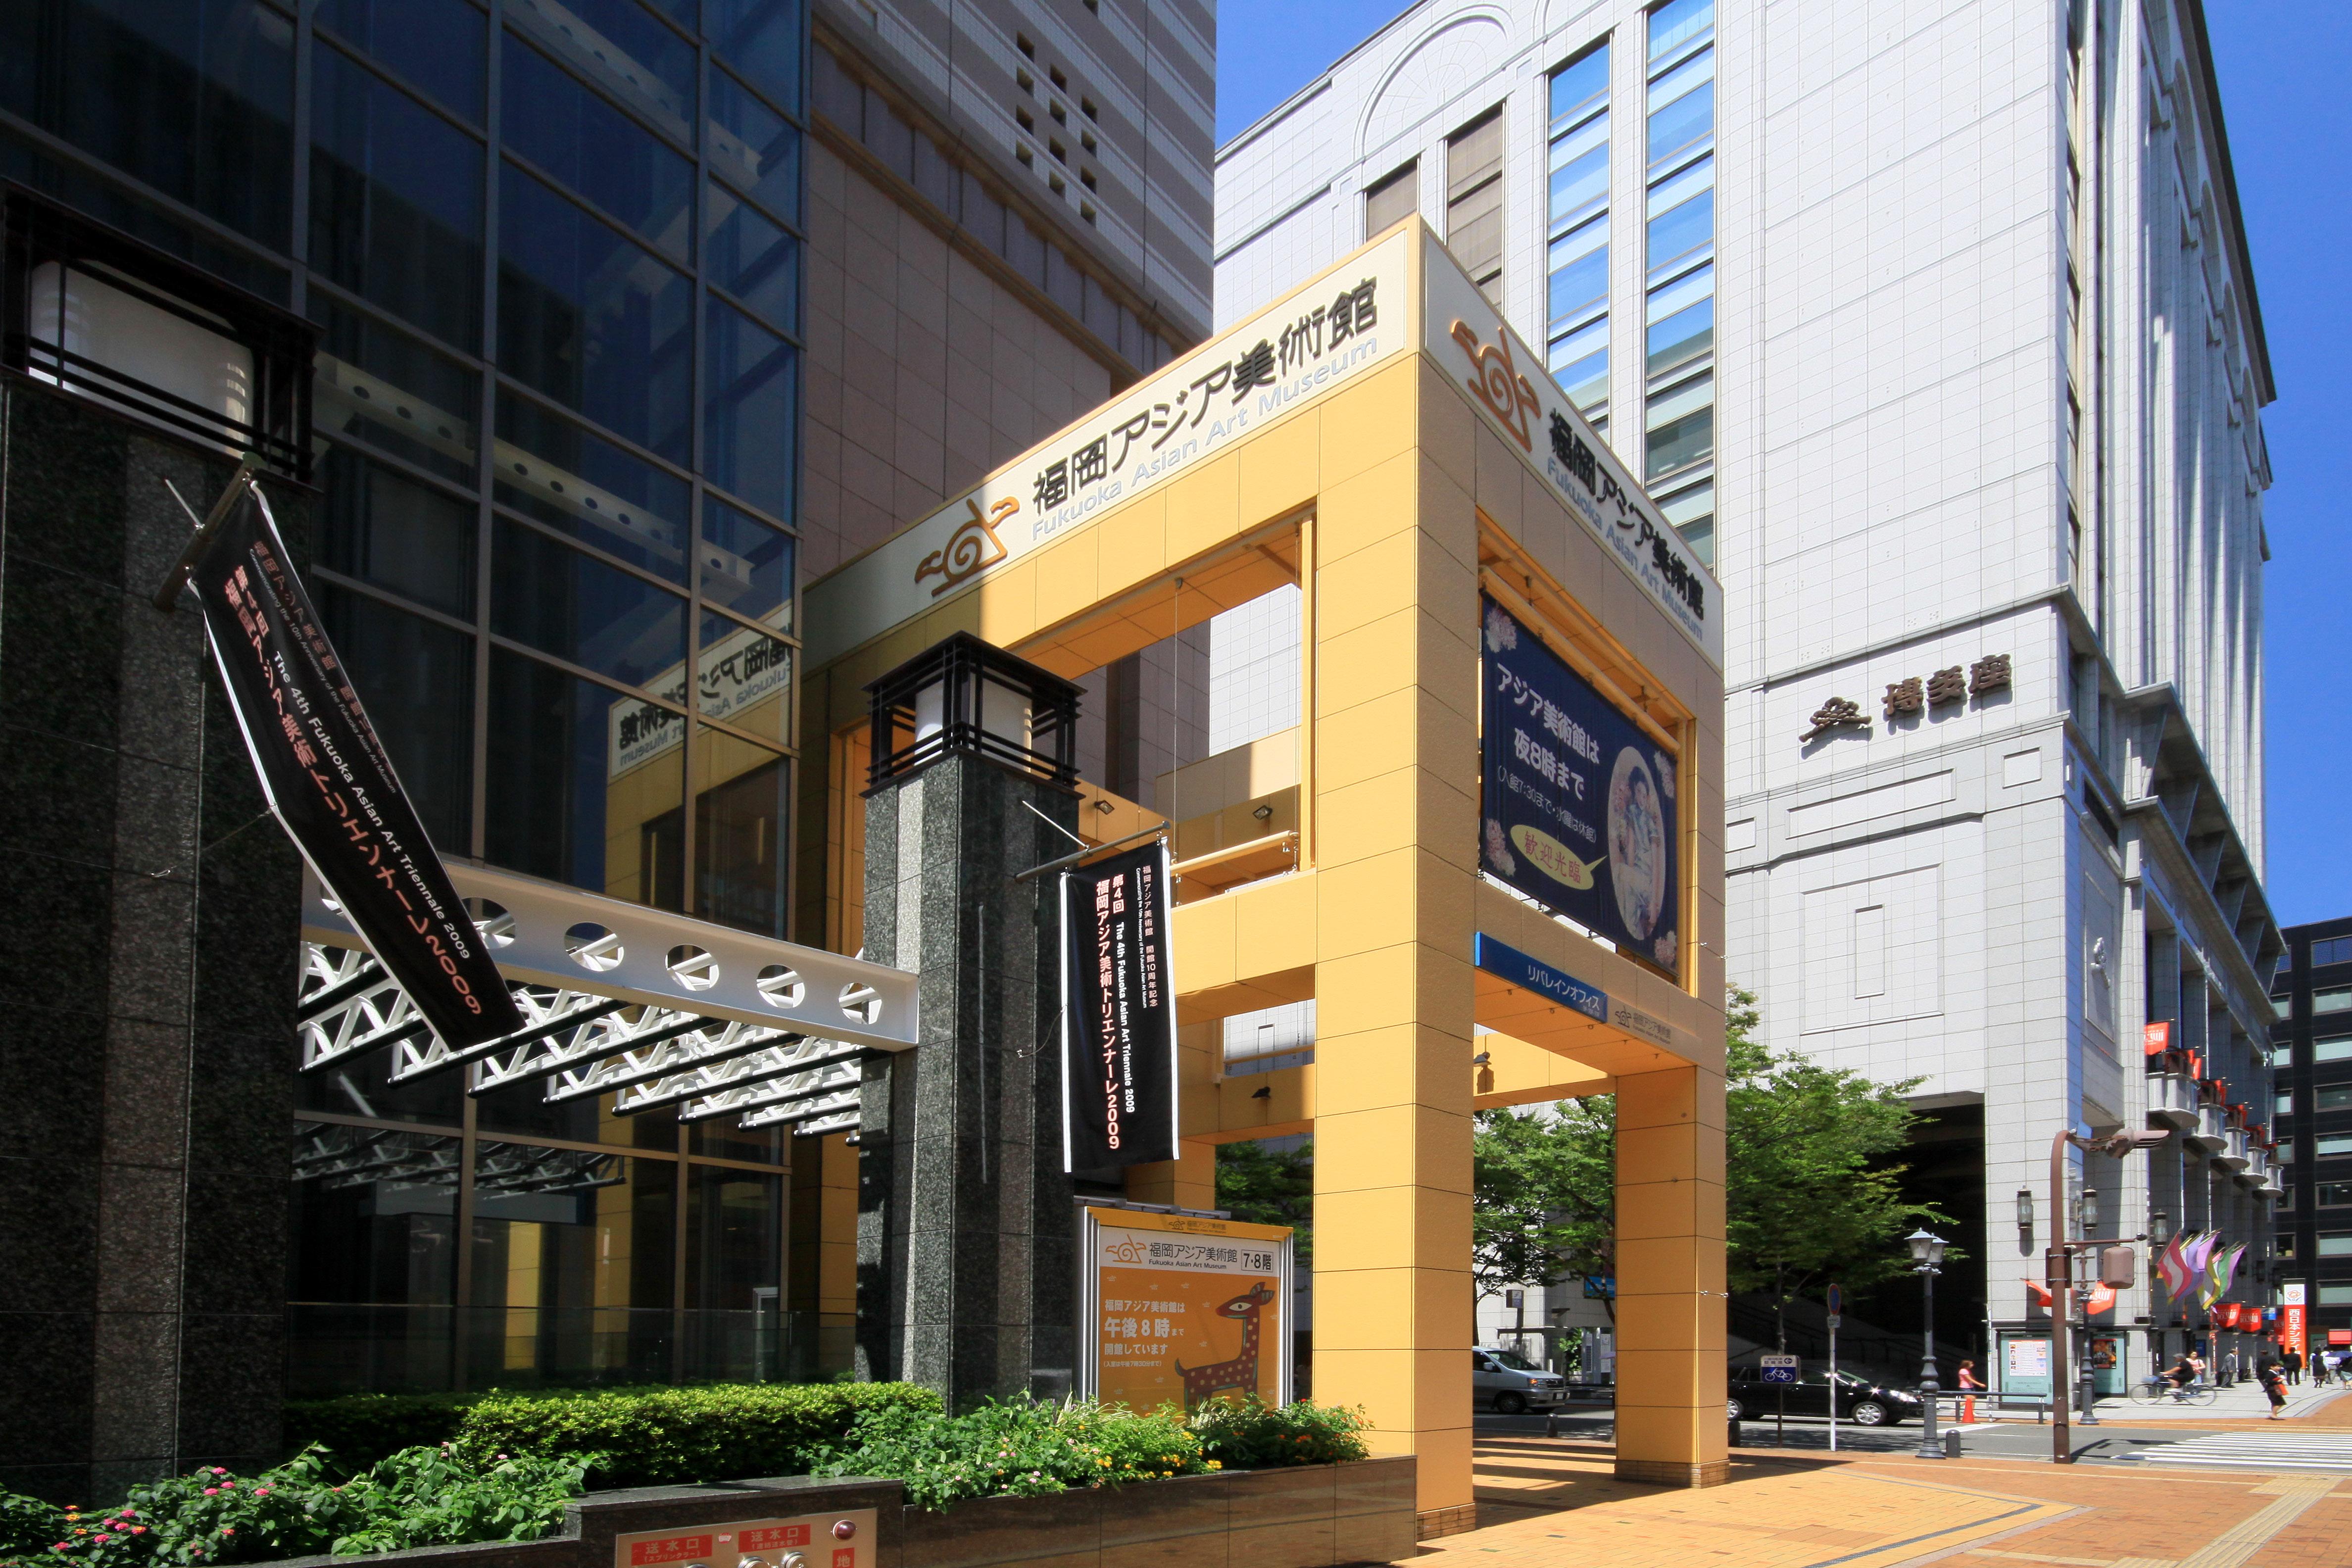 福岡アジア美術館(2009)の画像